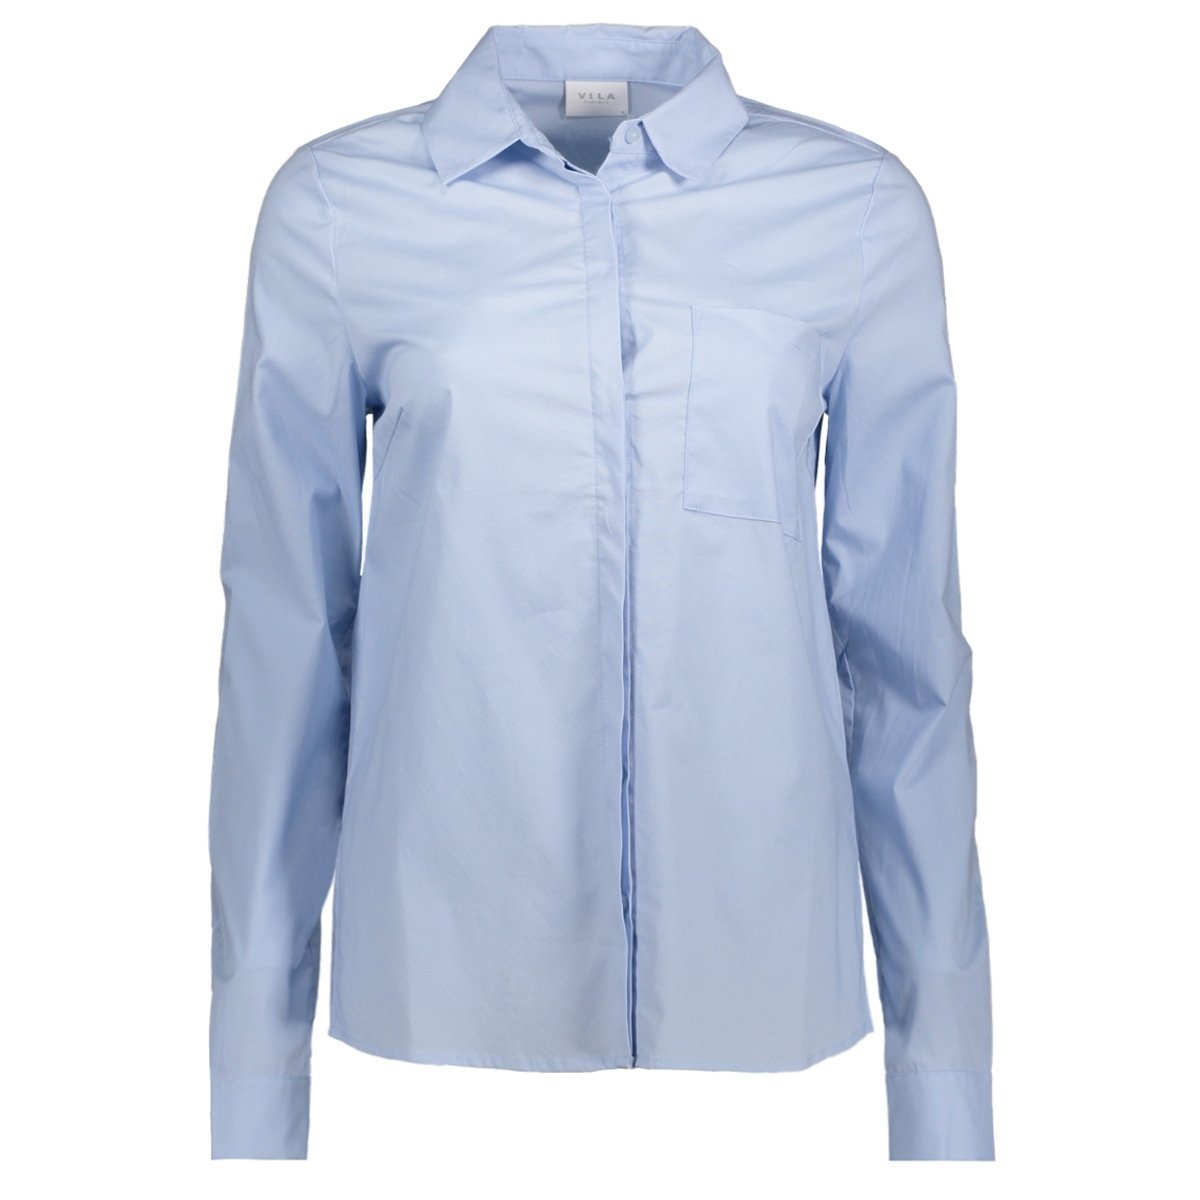 vichau l/s shirt-noos 14039617 vila blouse cashmere blue